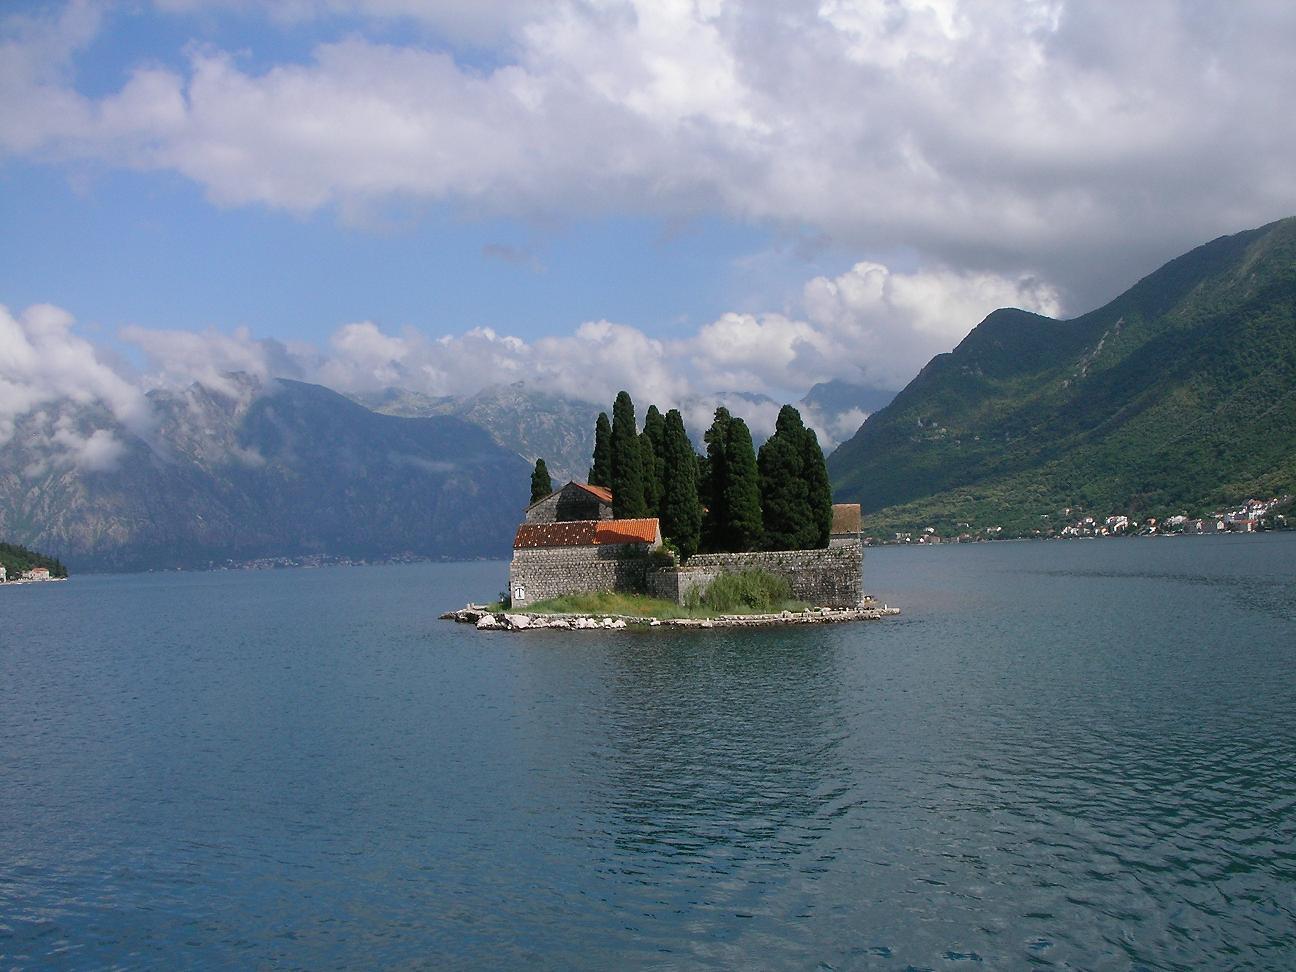 St. Đorđe Isle in Kotor Bay, Montenegro